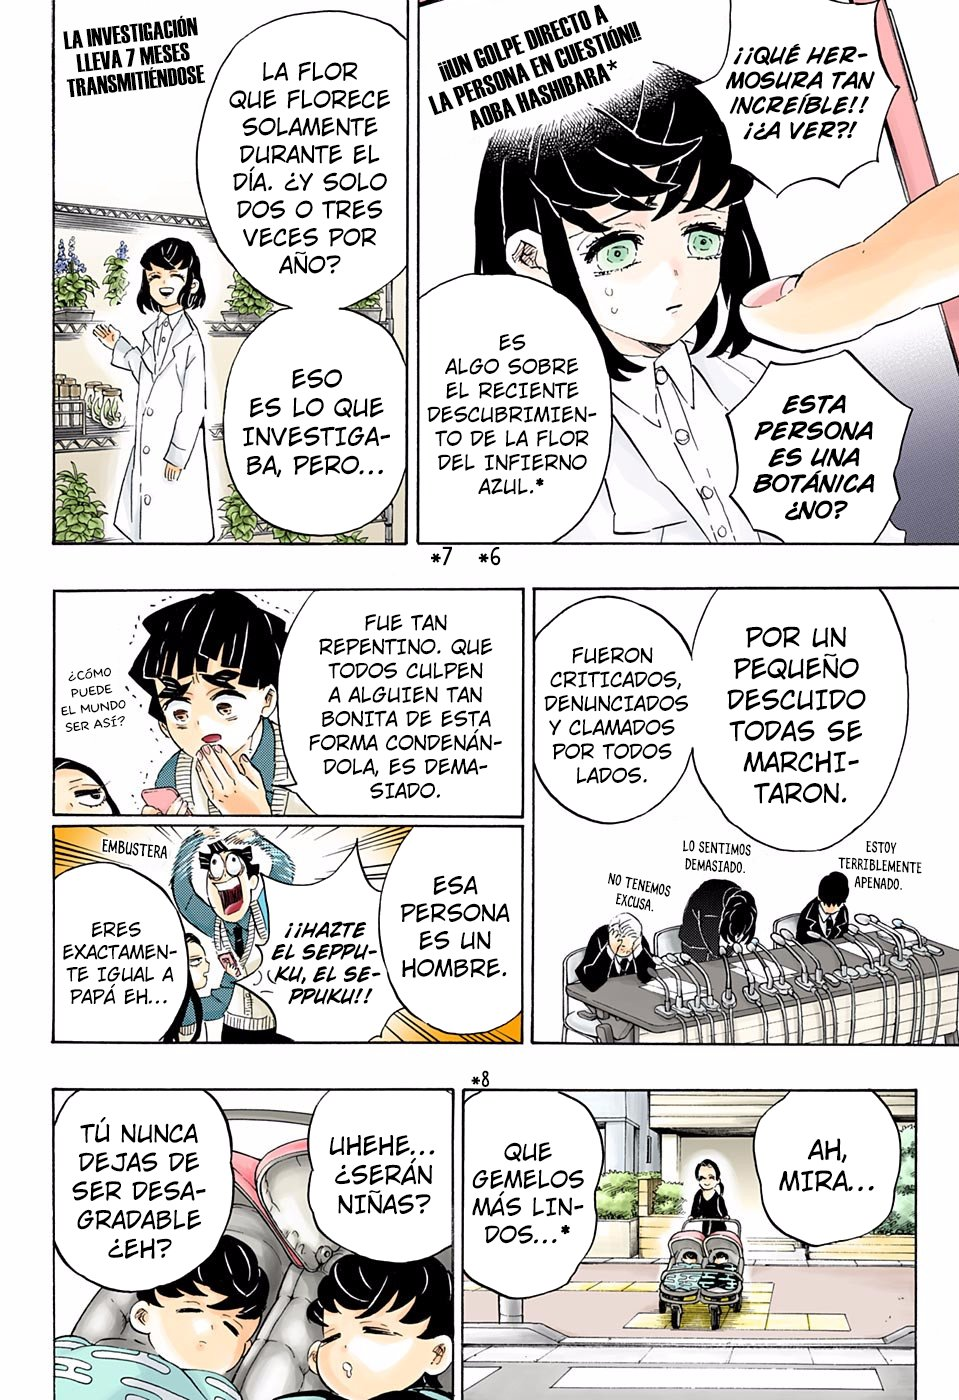 https://nine.mangadogs.com/es_manga/pic8/3/19331/946720/714aeac233808ffb2b01e3910edff2bc.jpg Page 8